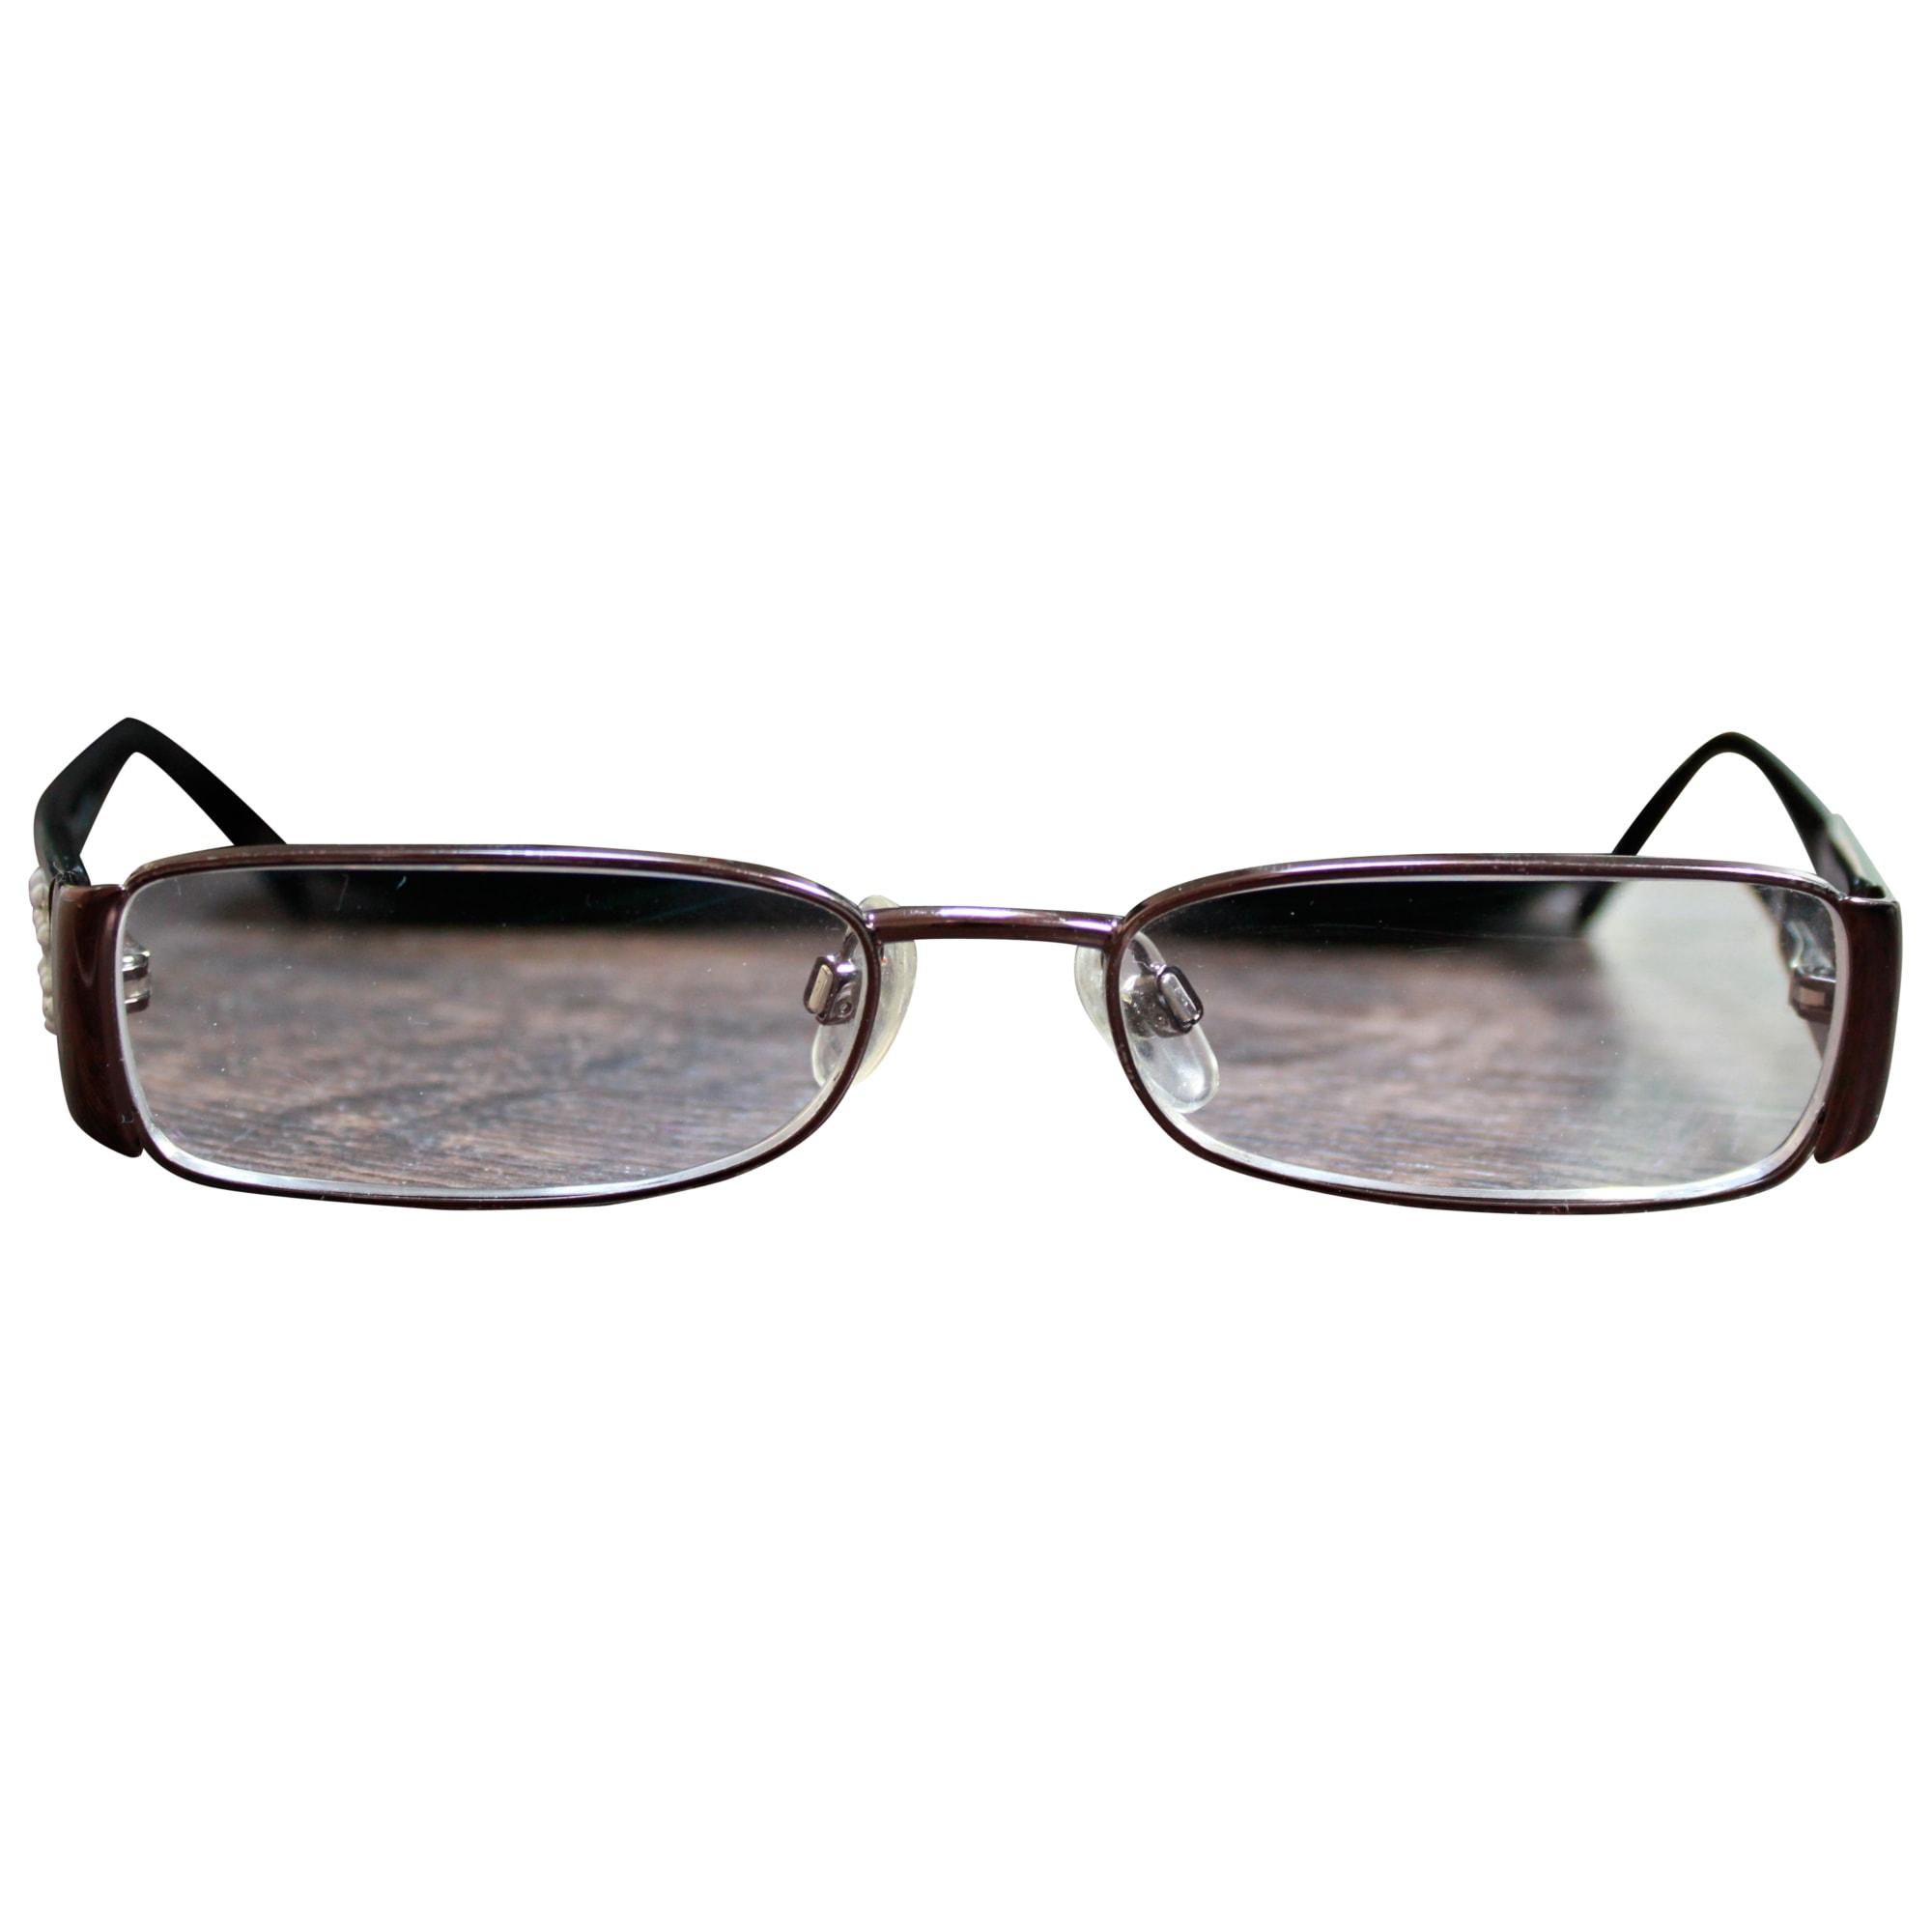 Monture de lunettes CHANEL beige - 3457158 d91cc51fce3c